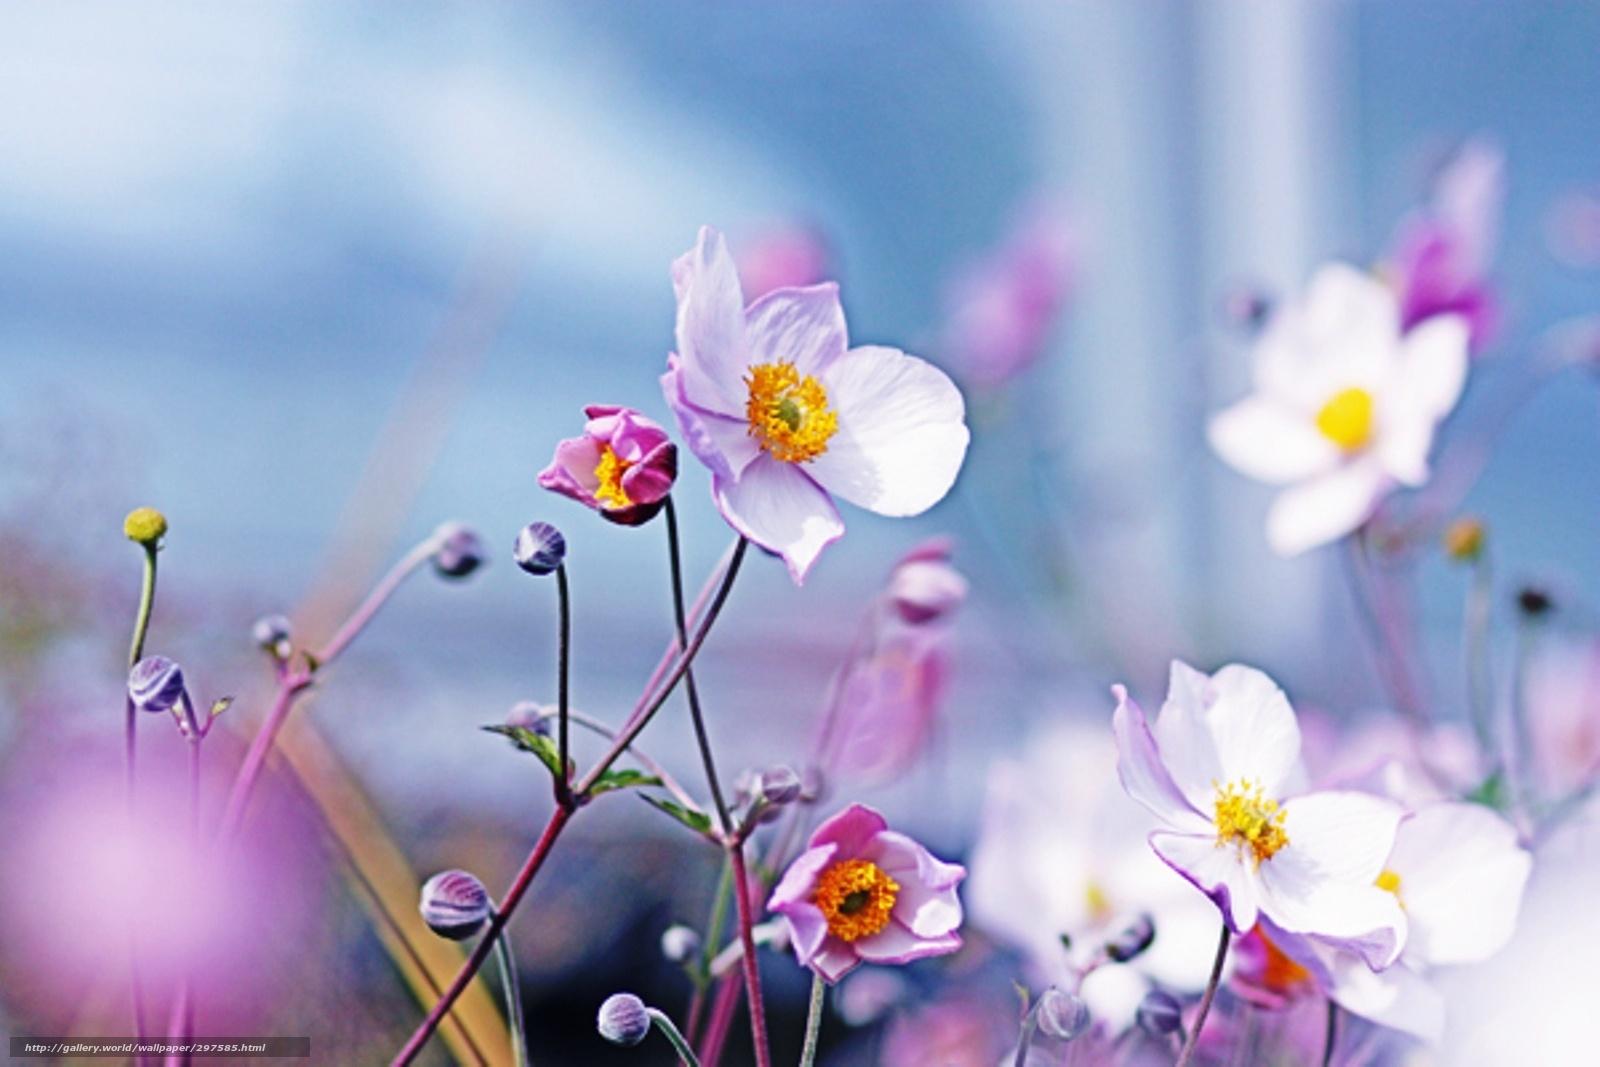 Scaricare gli sfondi fiori sfondo stato d 39 animo sfondi for Sfondi desktop fiori